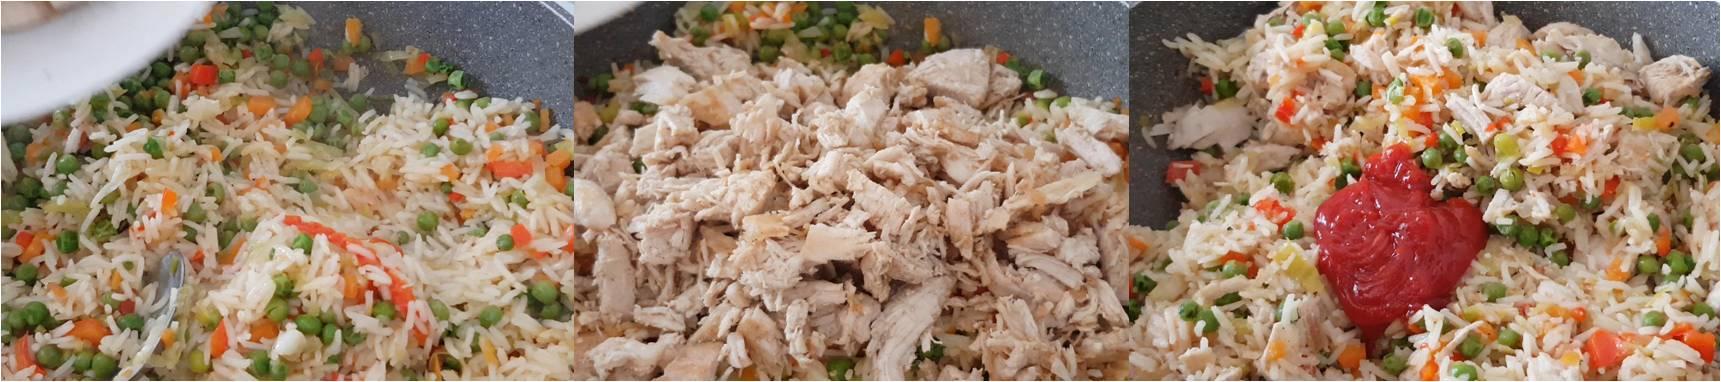 ricetta passo passo riso con pollo 4